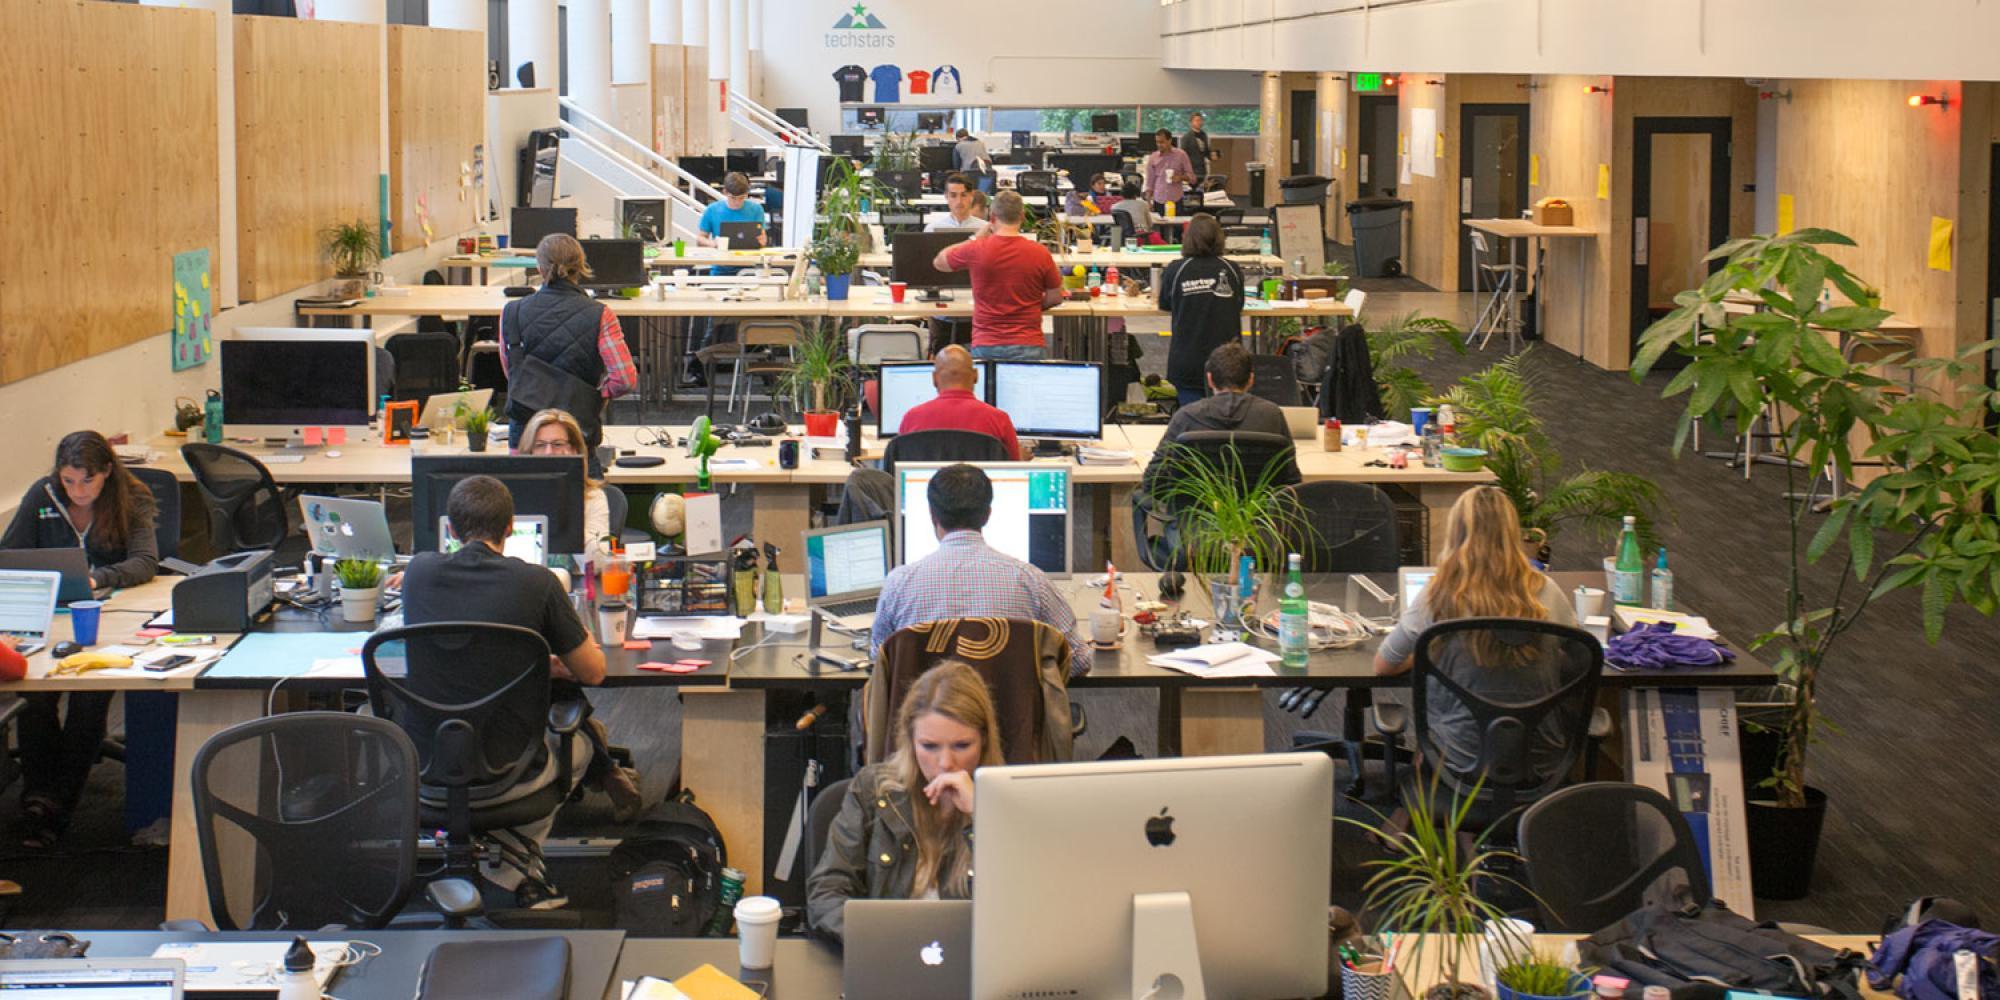 Nouvelles technologies, clés de la réussite d'une entreprise